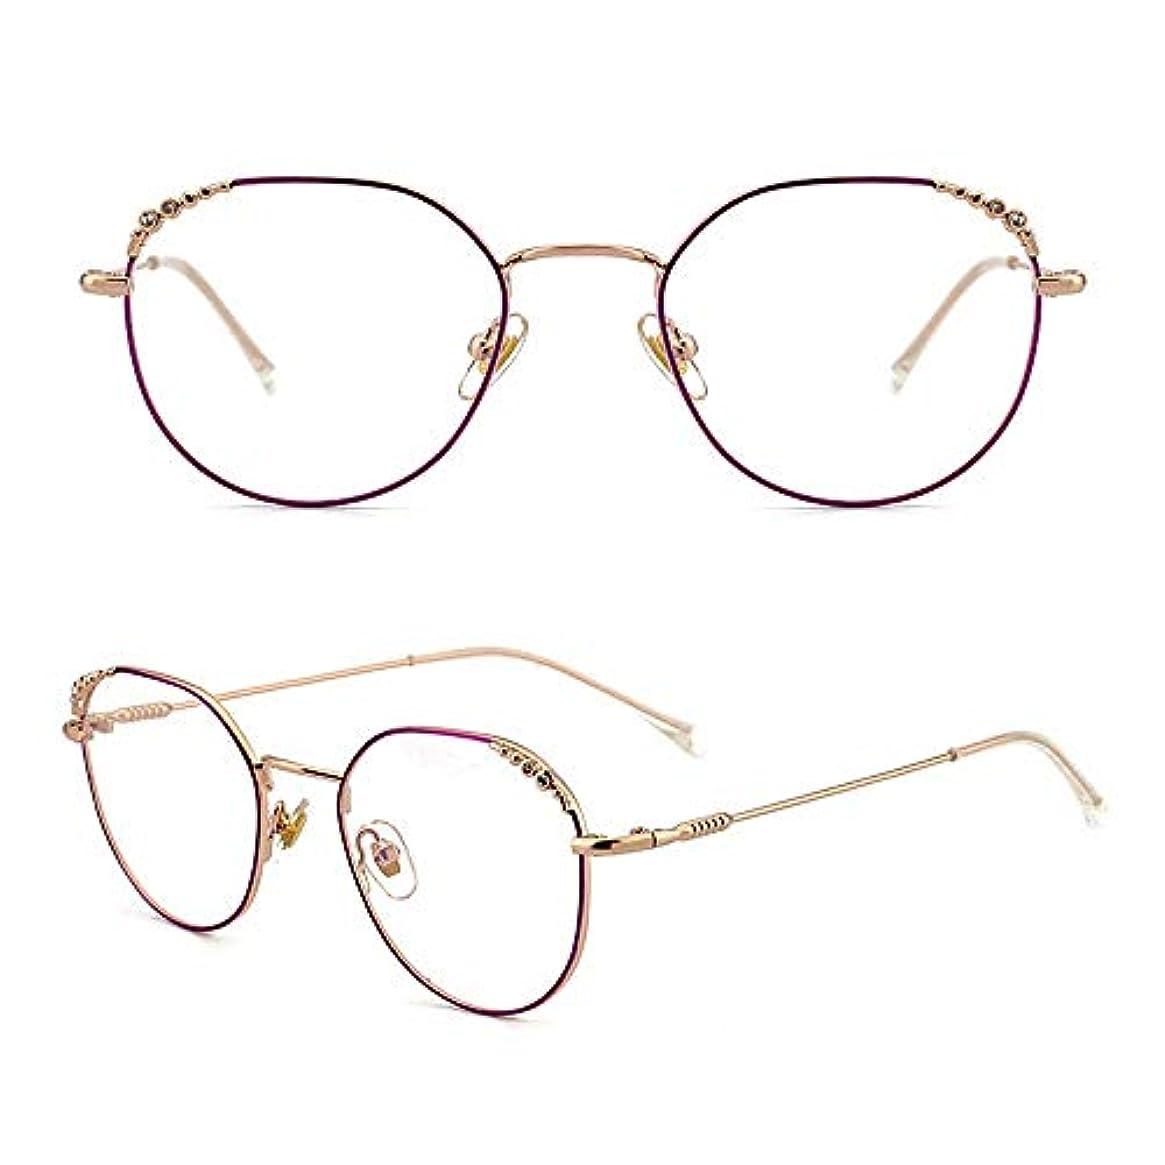 バブル郊外作曲家色が変わる老眼鏡、スマートでスタイリッシュな老眼鏡、エレガントで快適な高解像度のサングラス、デュアルユース、デュアルフォーカス、マルチフォーカス、マルチフォーカスの自動カラー老眼鏡、運転/ウォーキング/釣り/旅行に適しています...